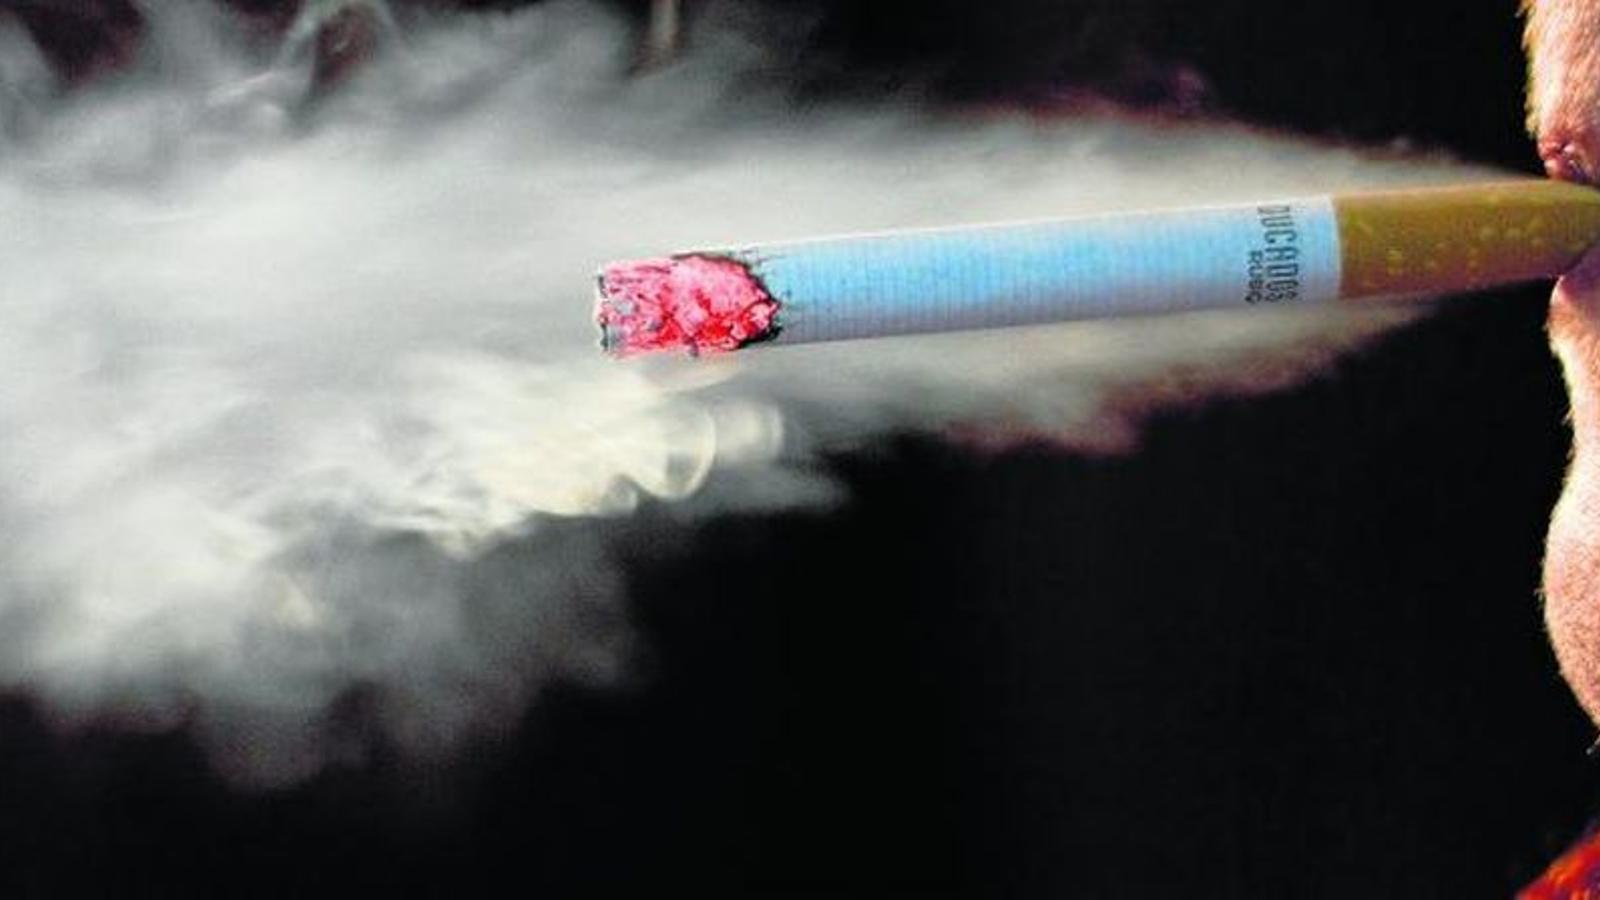 Salut pública vol reduir els fumadors adolescents esporàdics